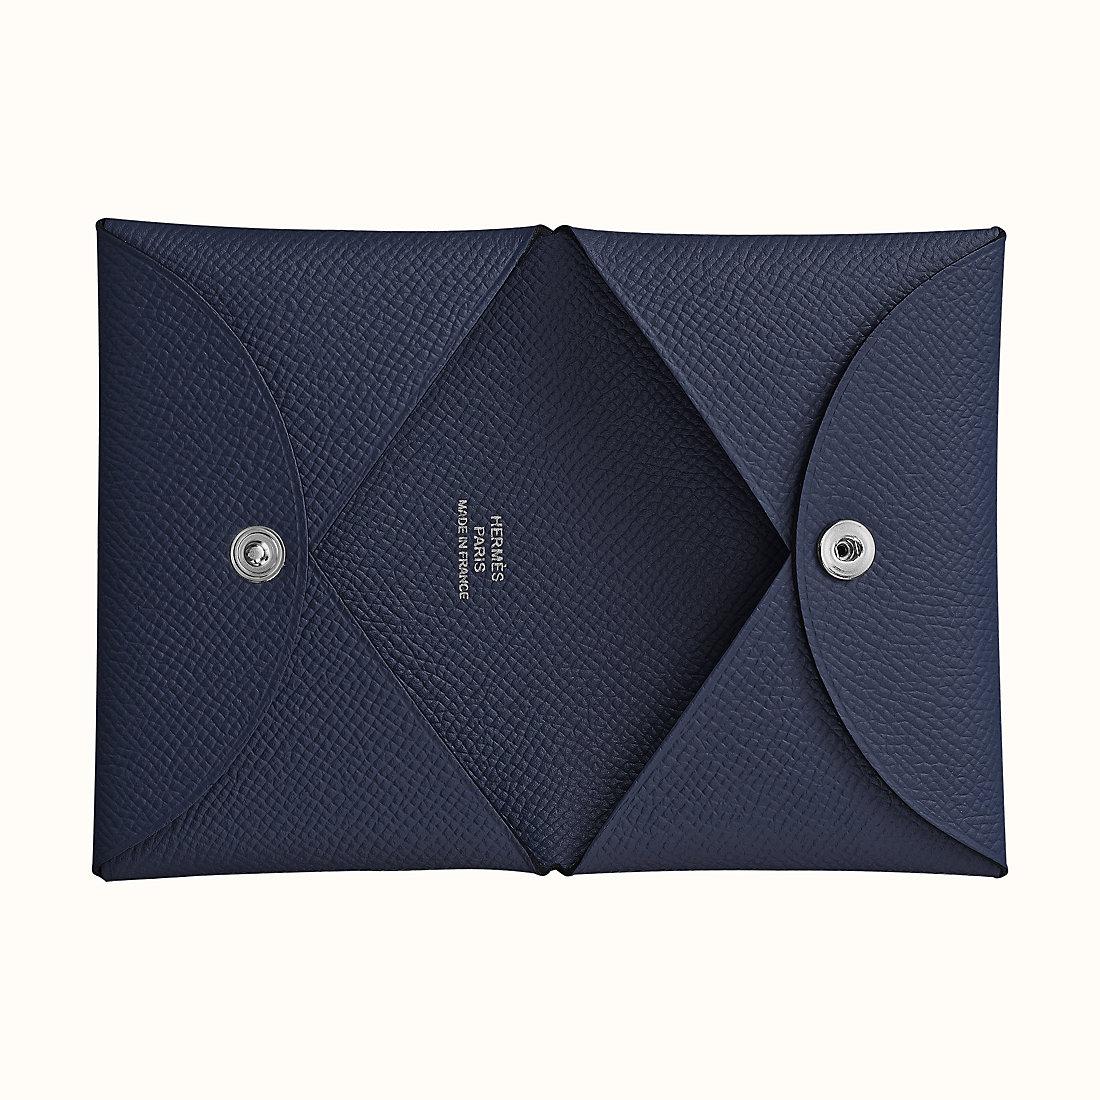 香港元朗區愛馬仕卡包 Hermes Calvi verso card holder CK76 Bleu Indigo